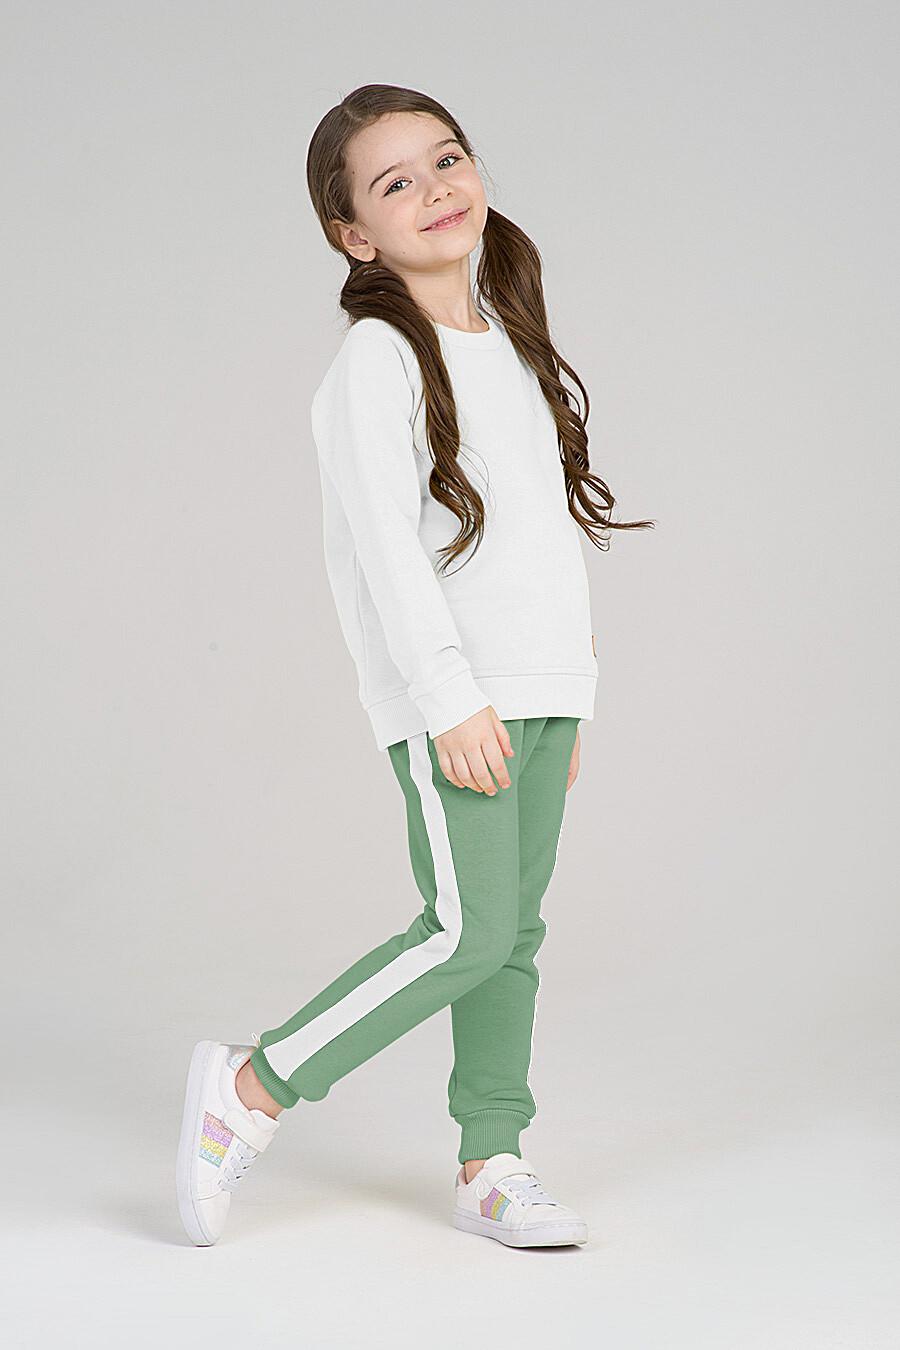 Свитшот для девочек EZANNA 668007 купить оптом от производителя. Совместная покупка детской одежды в OptMoyo